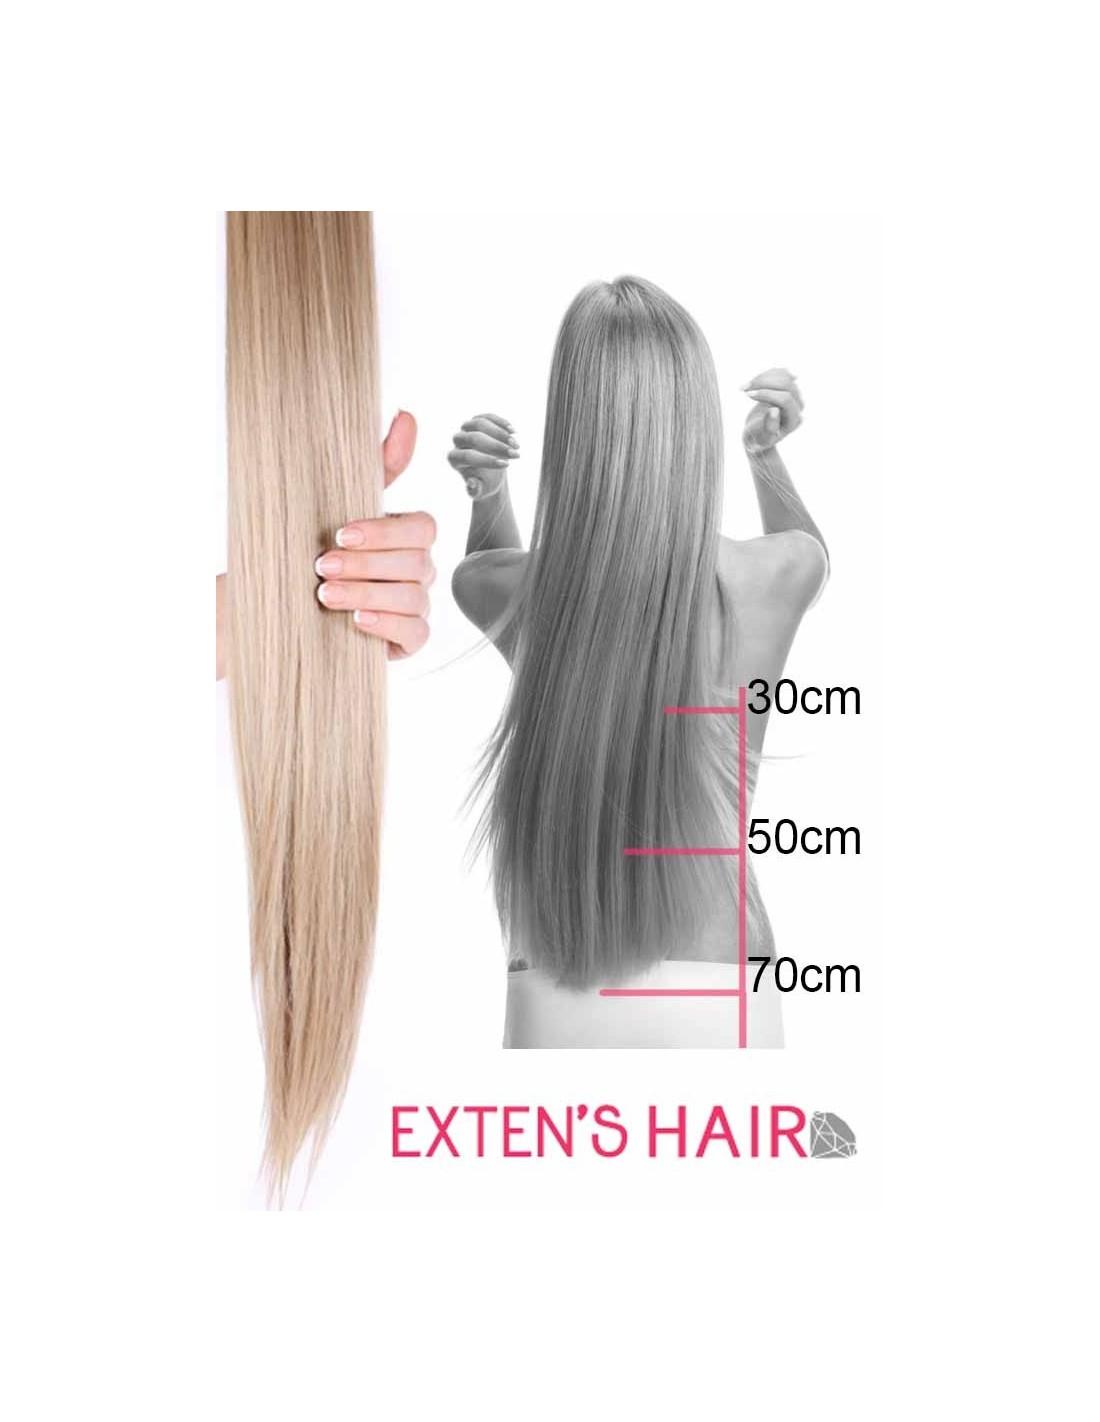 cheveux naturels remy pro extension chaud xxxl extens hair. Black Bedroom Furniture Sets. Home Design Ideas